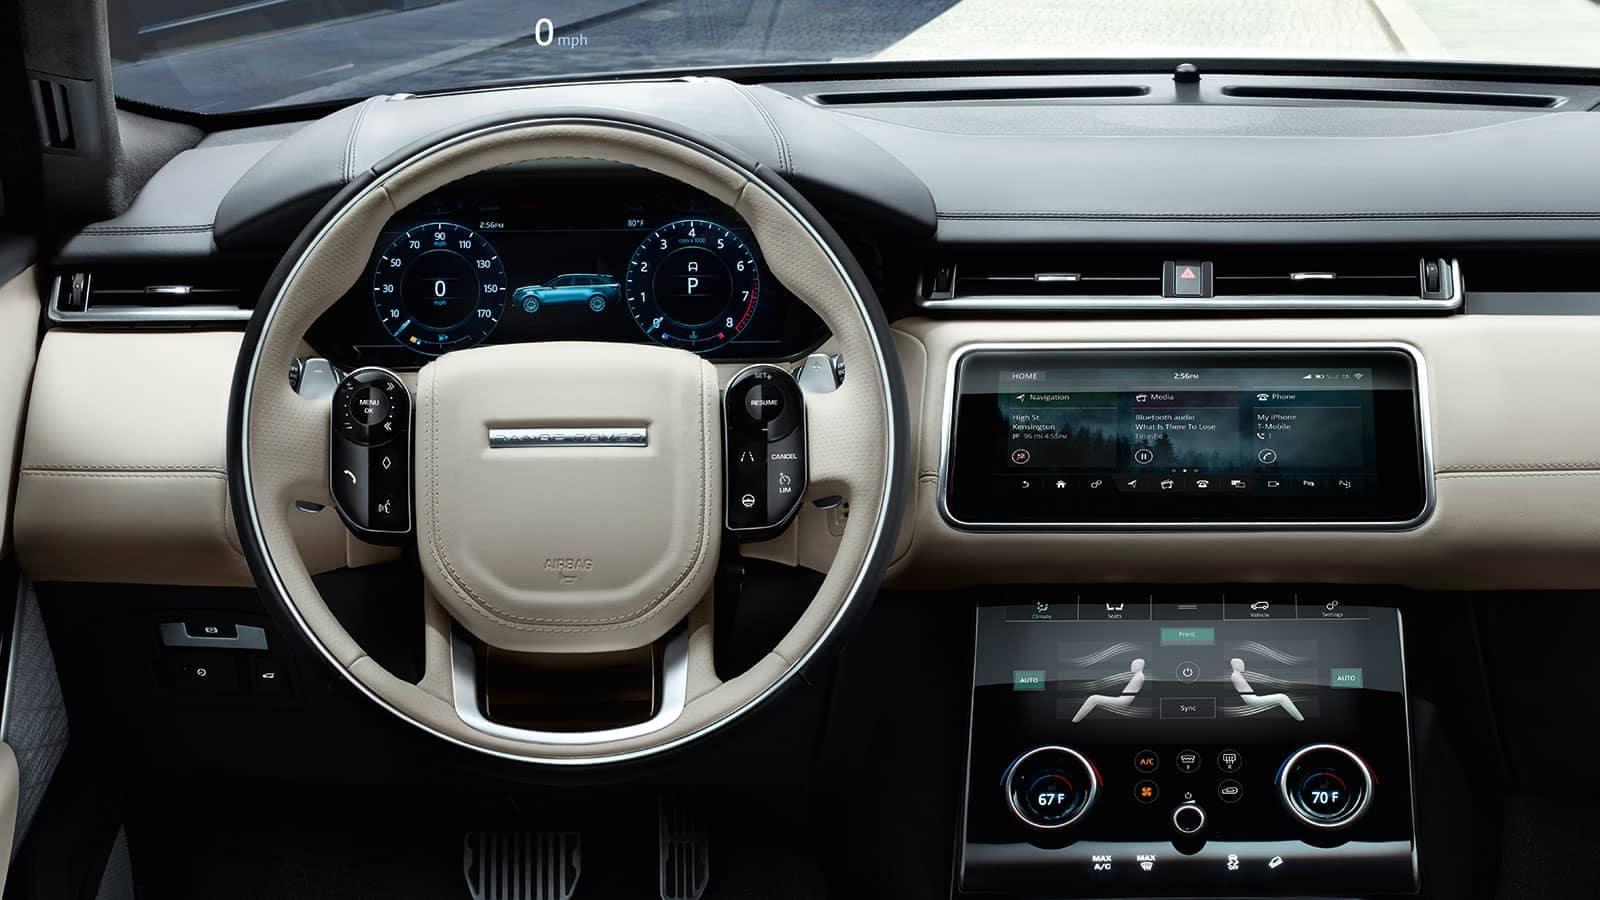 2019 Land Rover Velar Dash